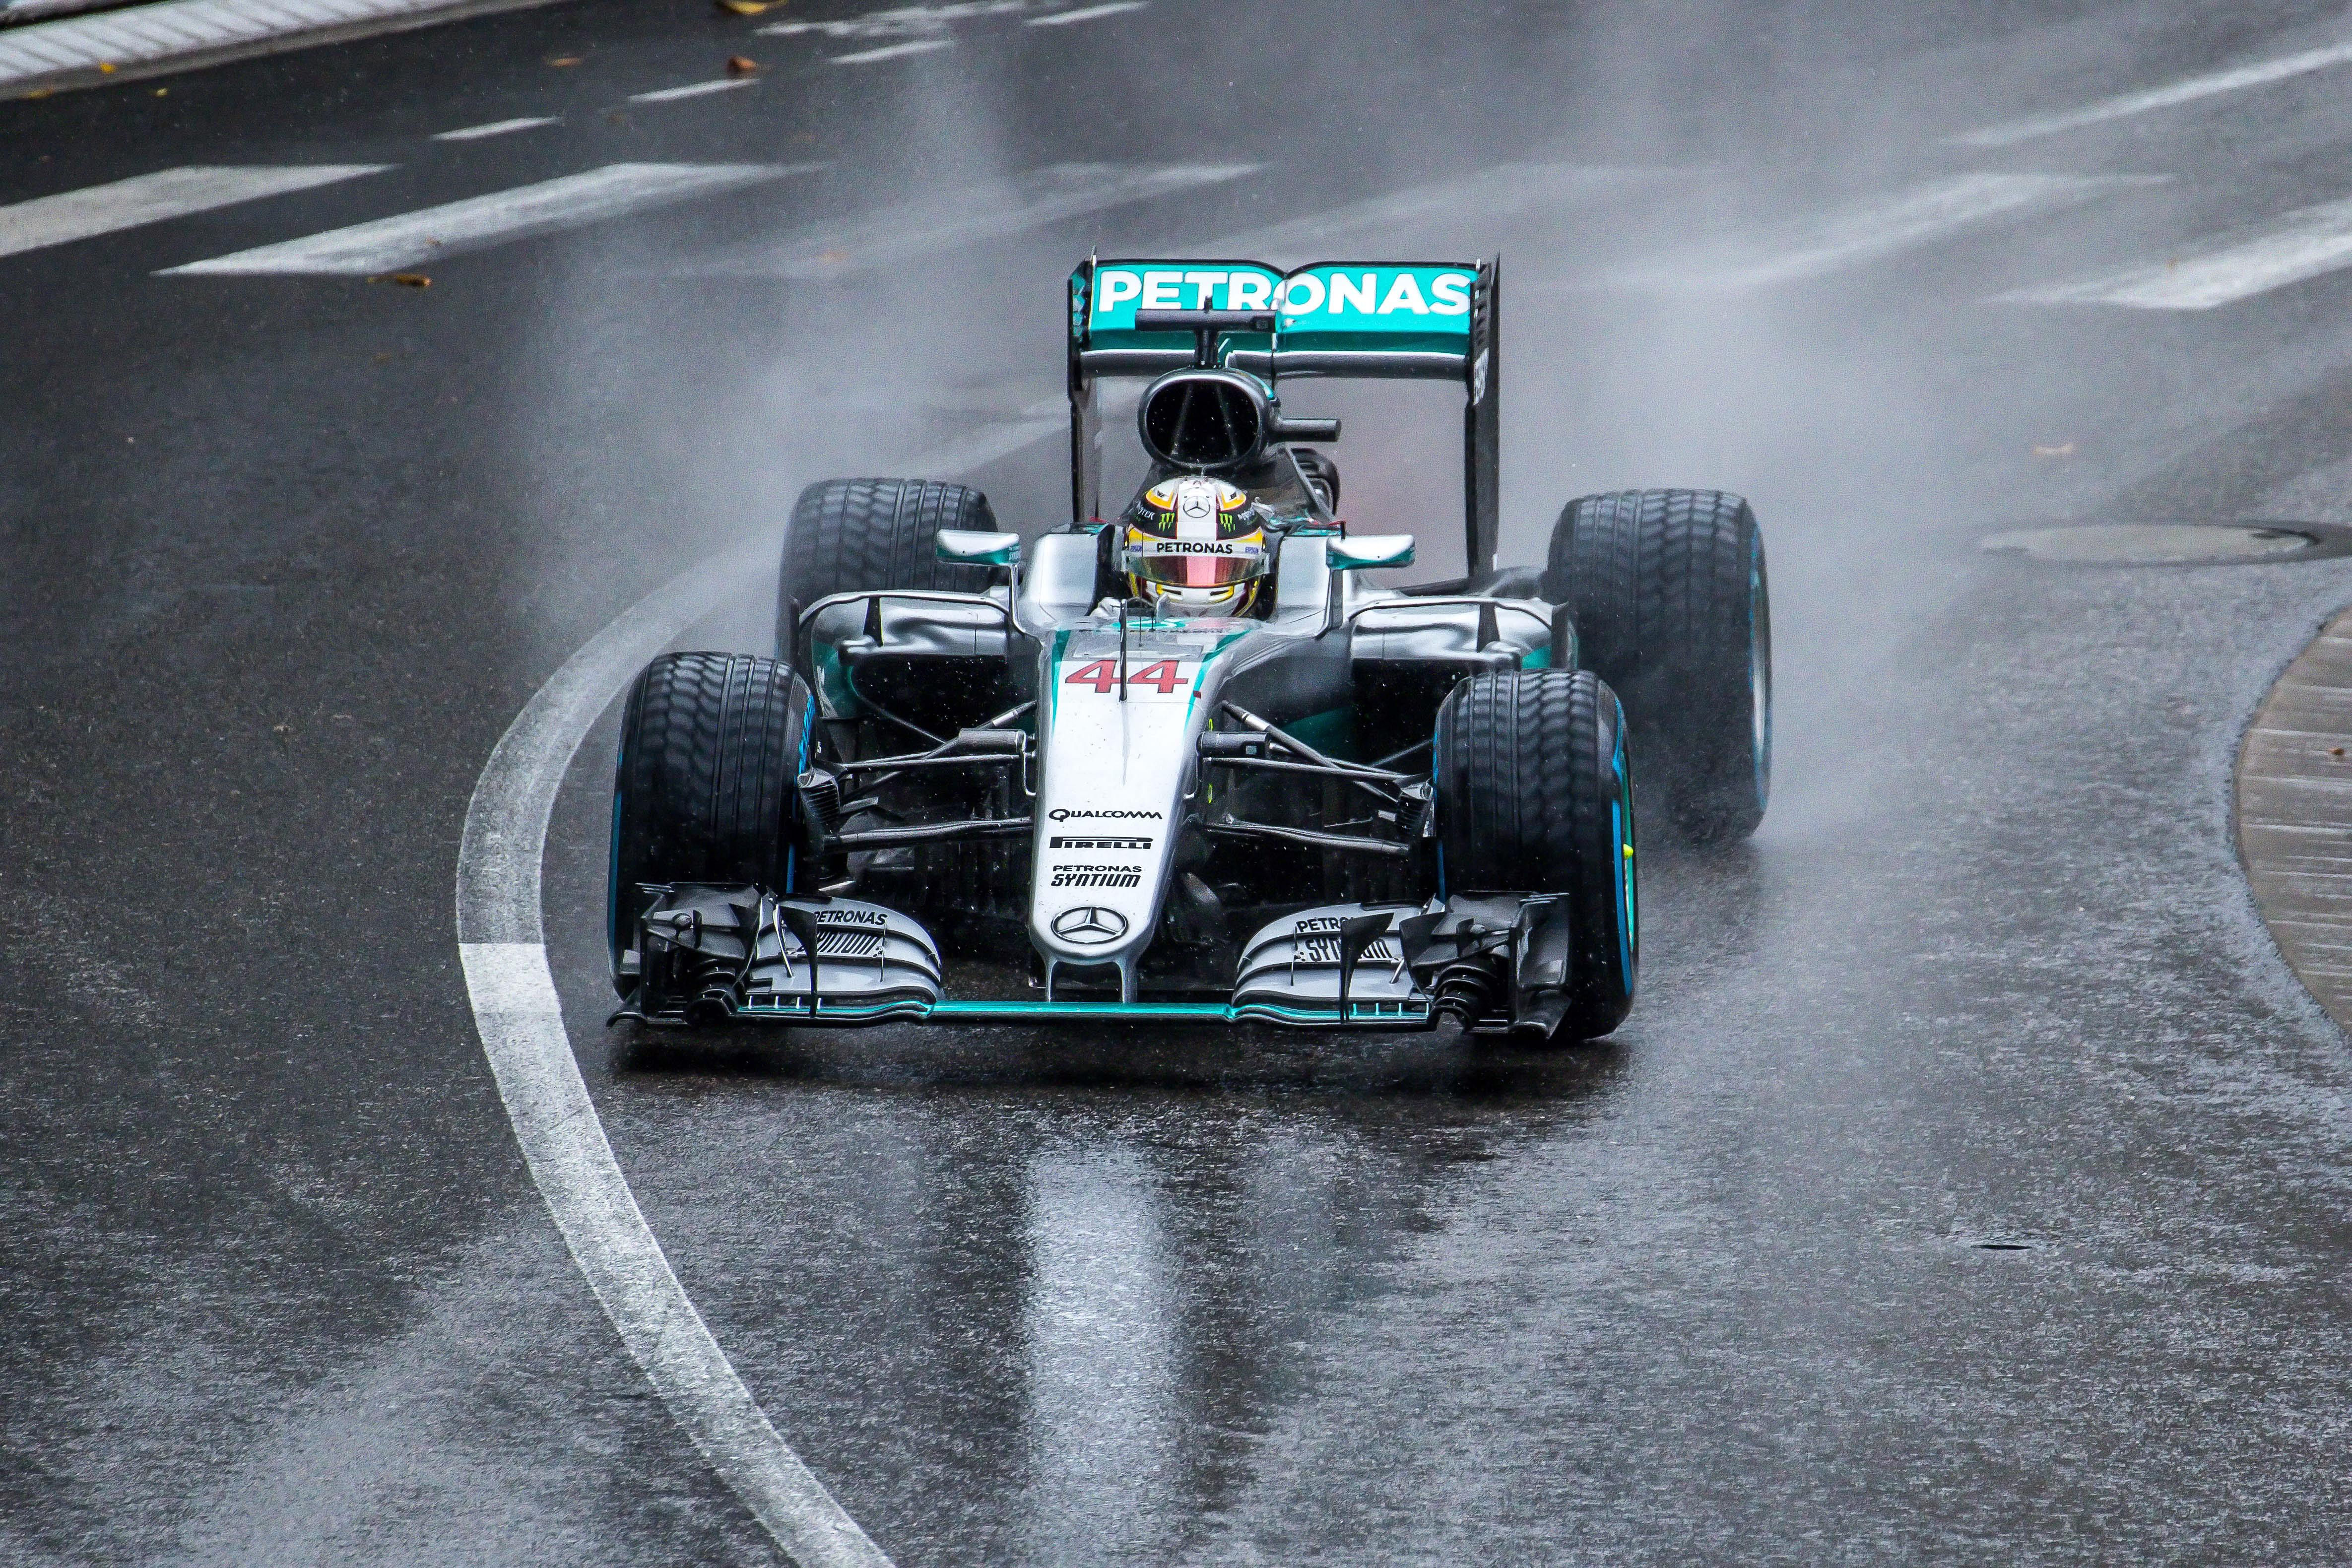 Kombinasjonen regnvær + Hamilton er veldig ofte ensbetydende med seier, her i 2016.